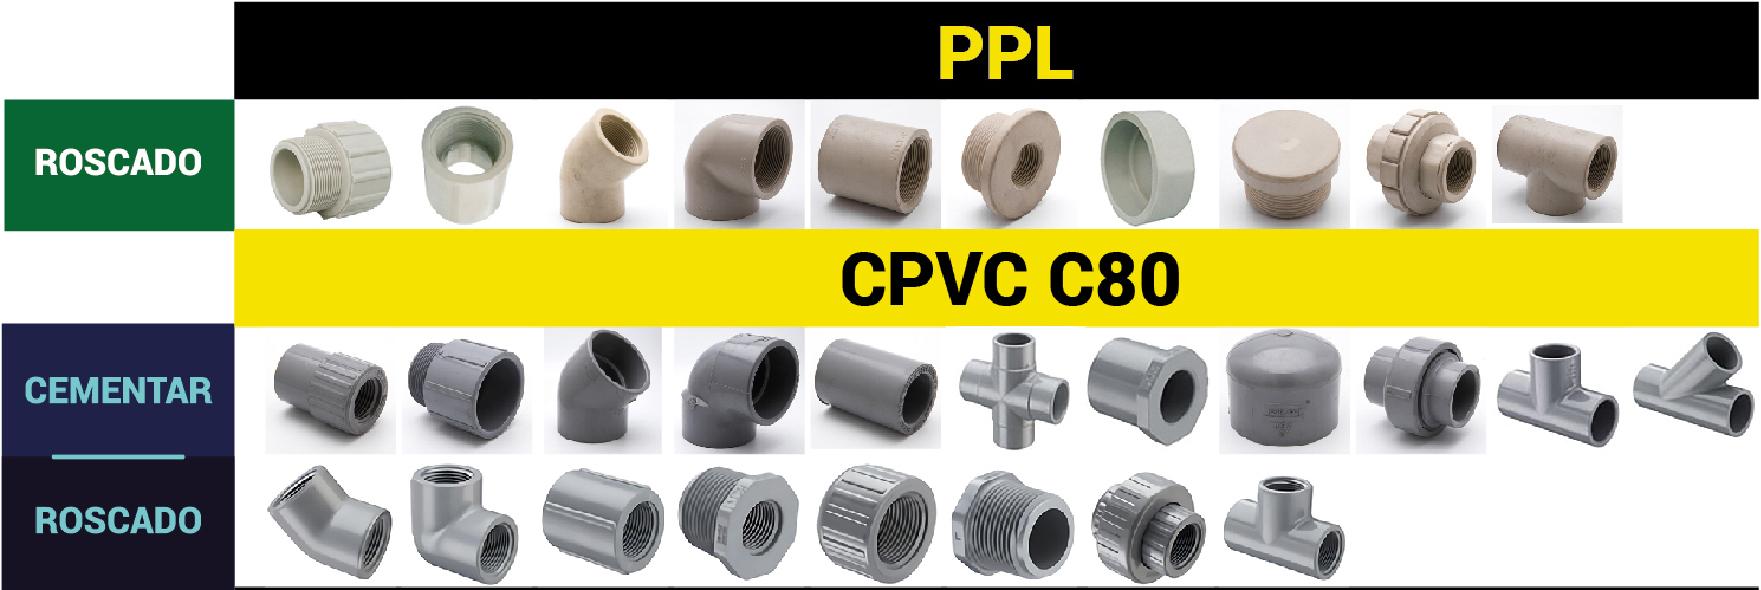 CONEXIONES PPL Y CPVC